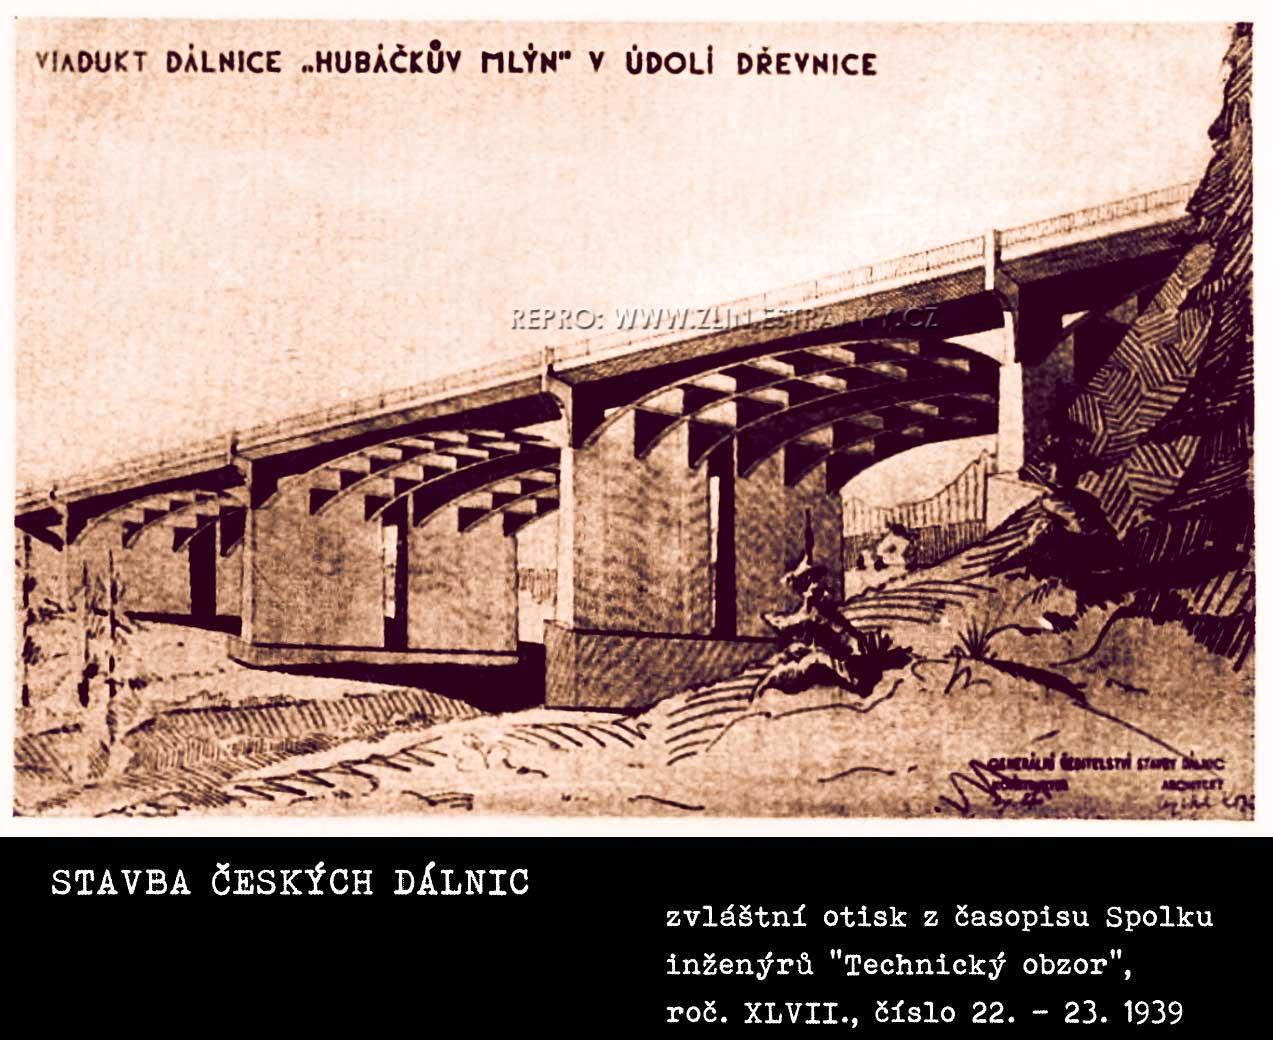 Zamýšlená dálniční páteř ČSR - viadukt v údolí Dřevnice